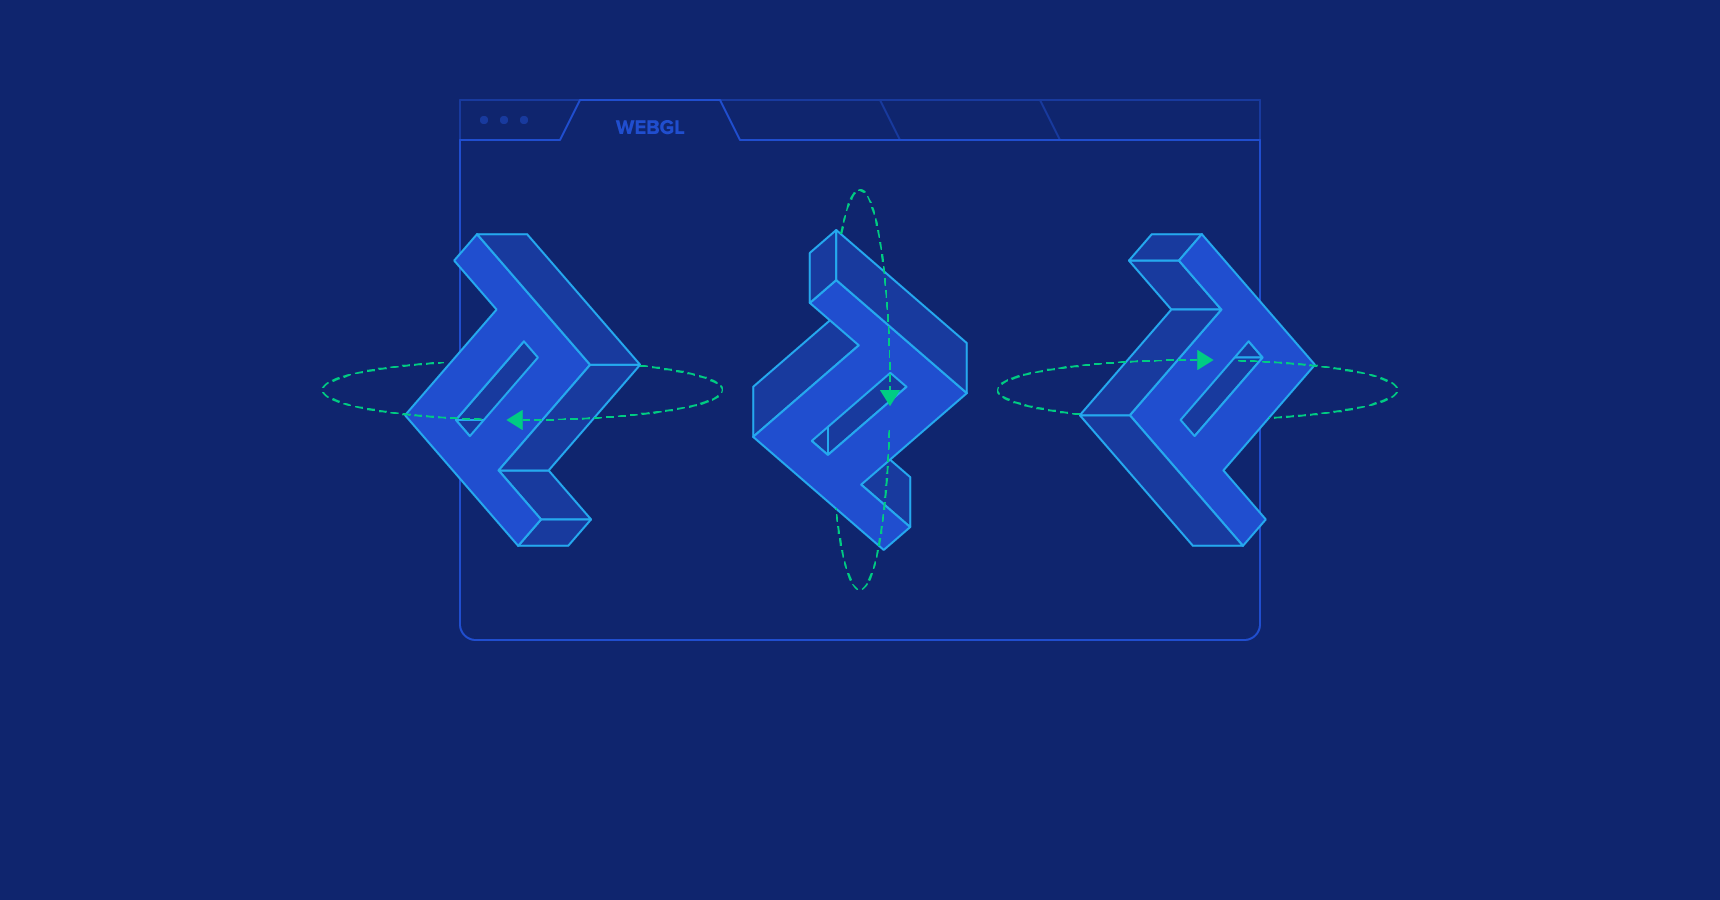 Illustration of a 3D Toptal logo on a WebGL canvas